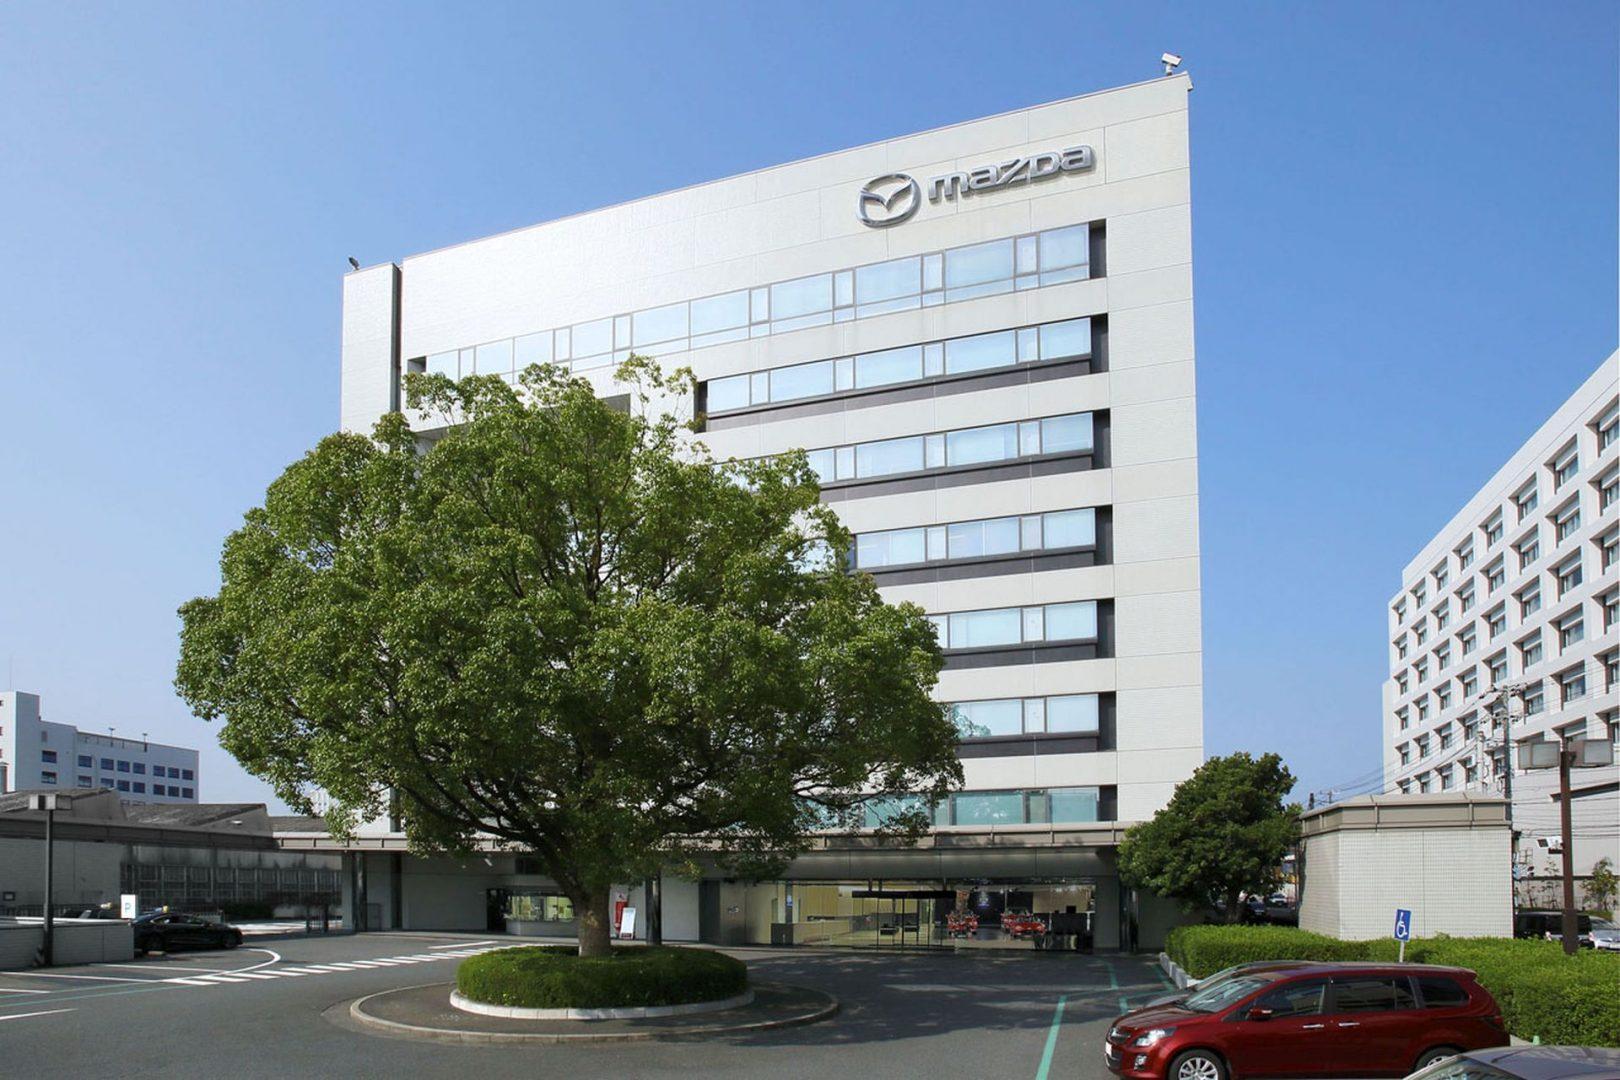 Japanski proizvođači postigli sporazum o zajedničkom razvoju tehničkih specifikacija komunikacijskih uređaja